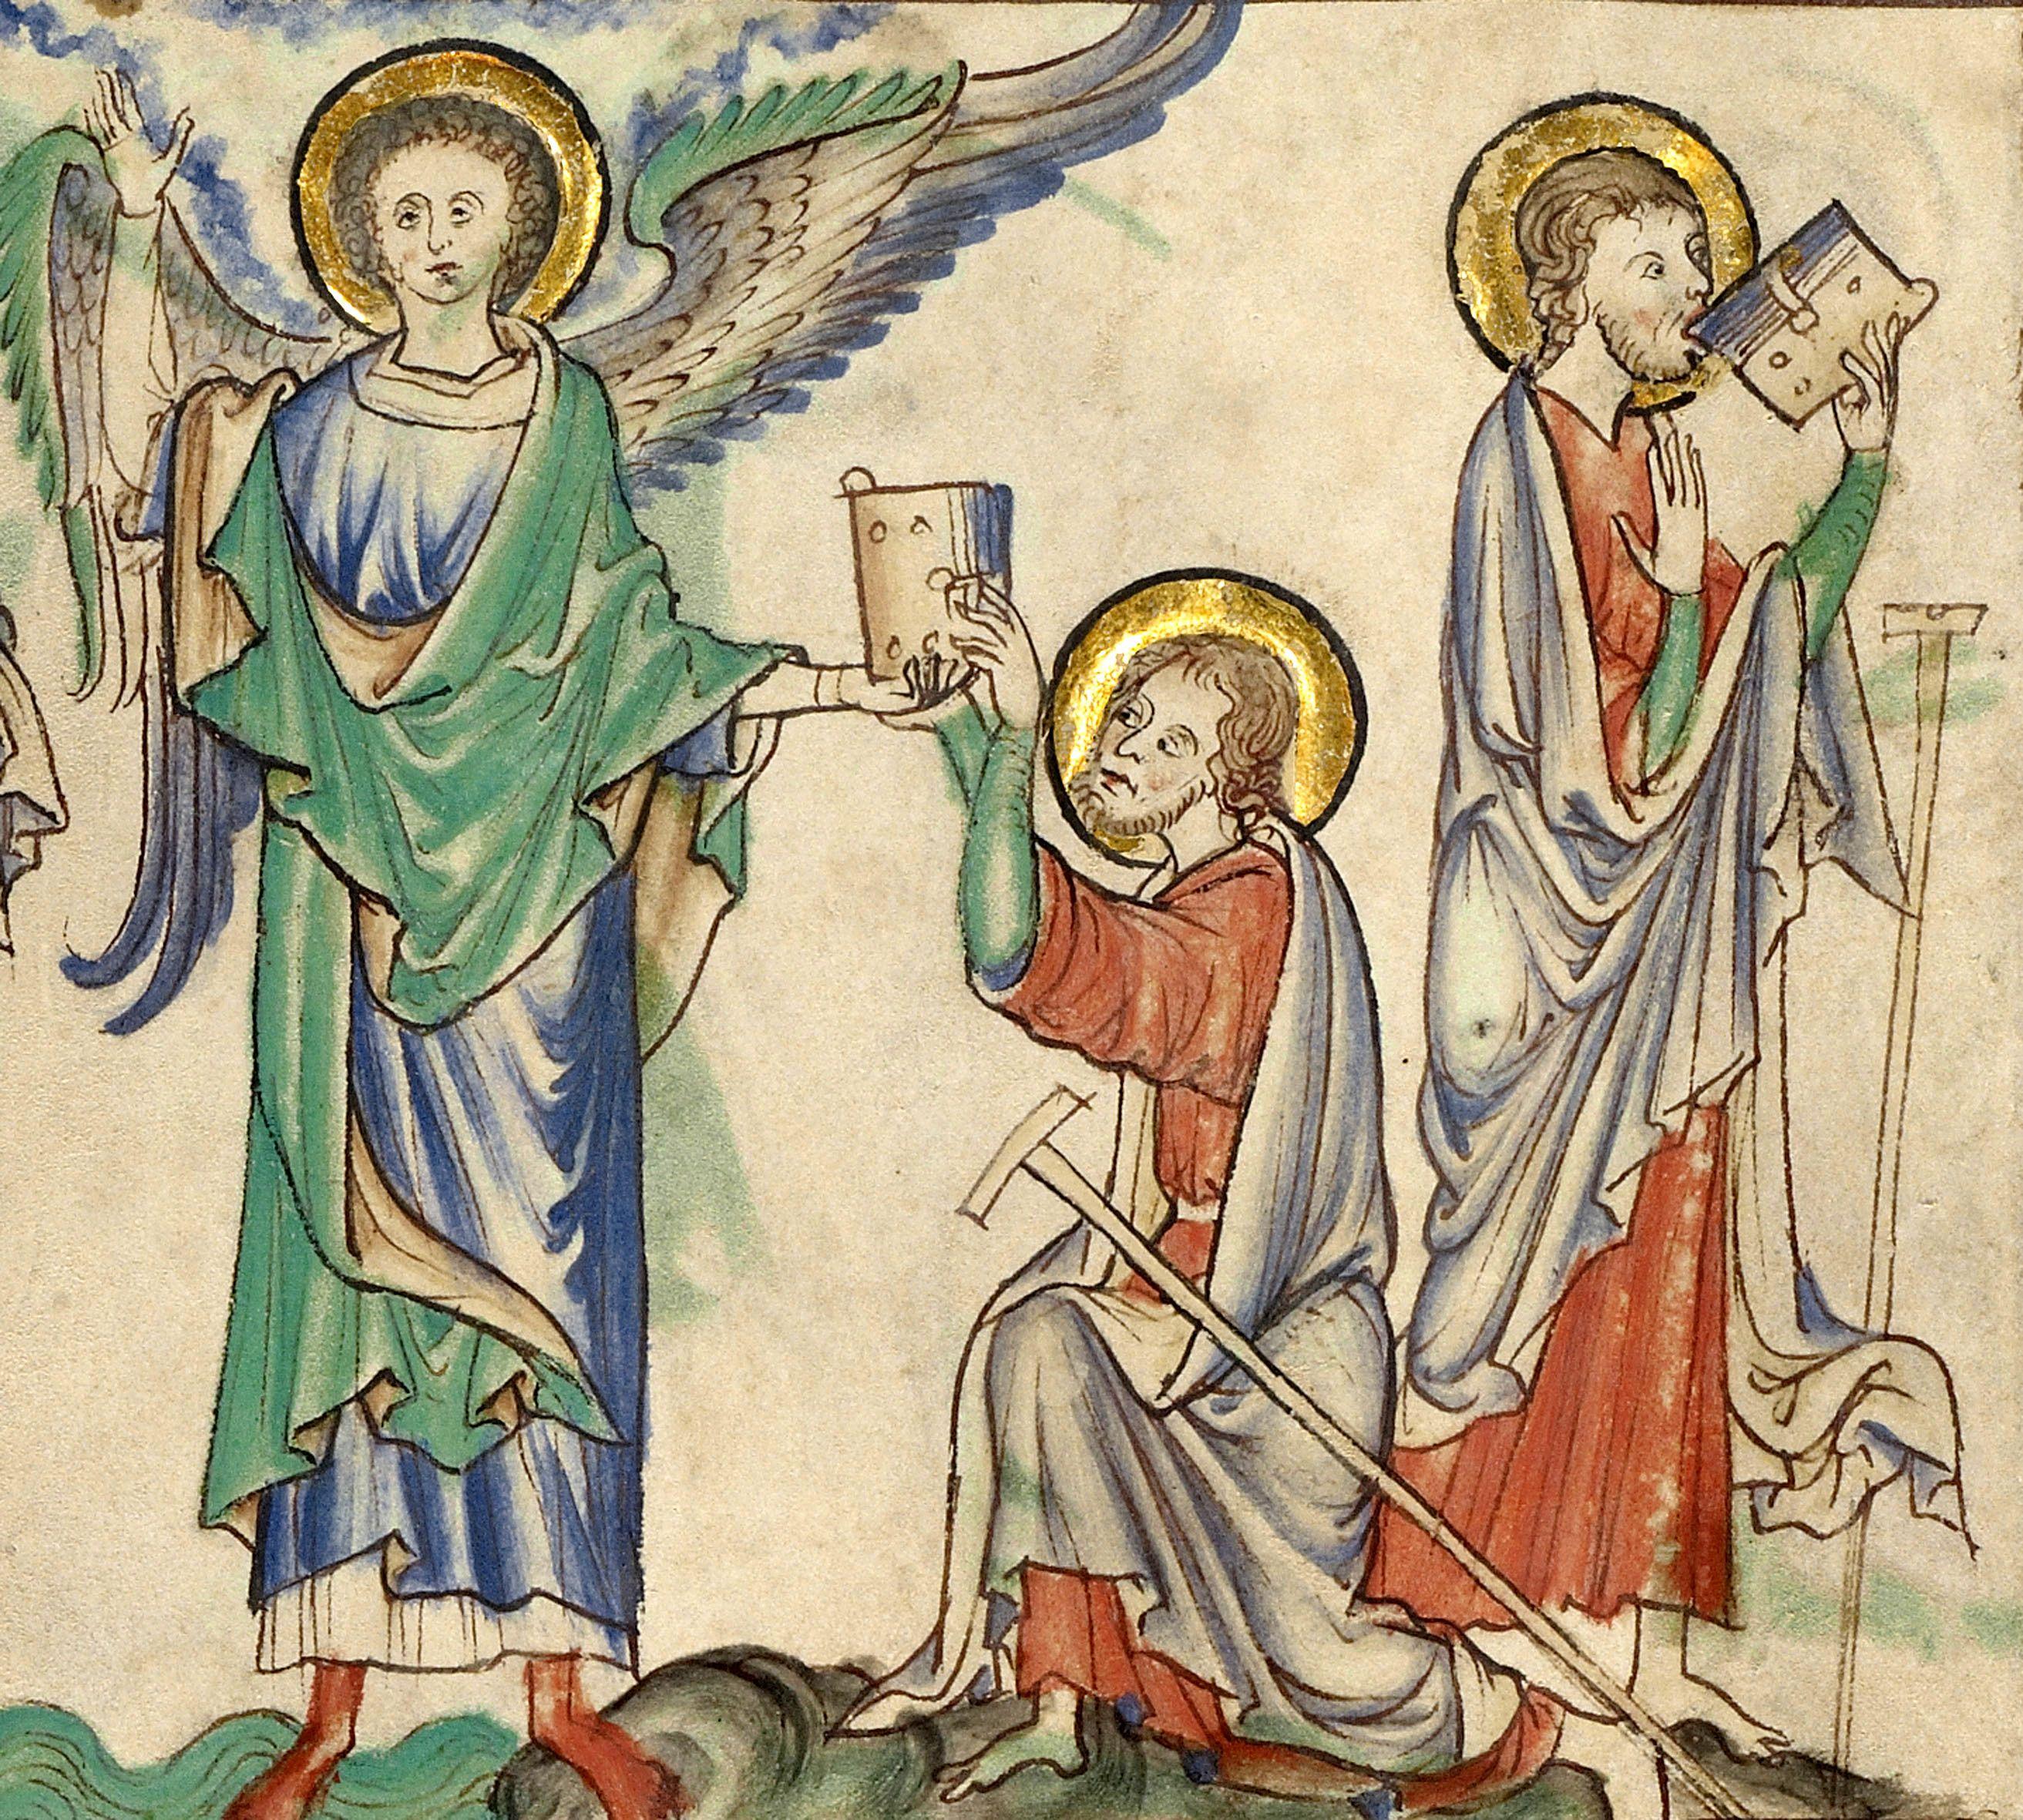 tratta dalla Dyson Perrins Apocalypse Inghilterra 1255 – 1260 Getty Museum Los Angeles Tweet Articoli correlatiA QUALE TAVOLO TI VUOI SEDERE